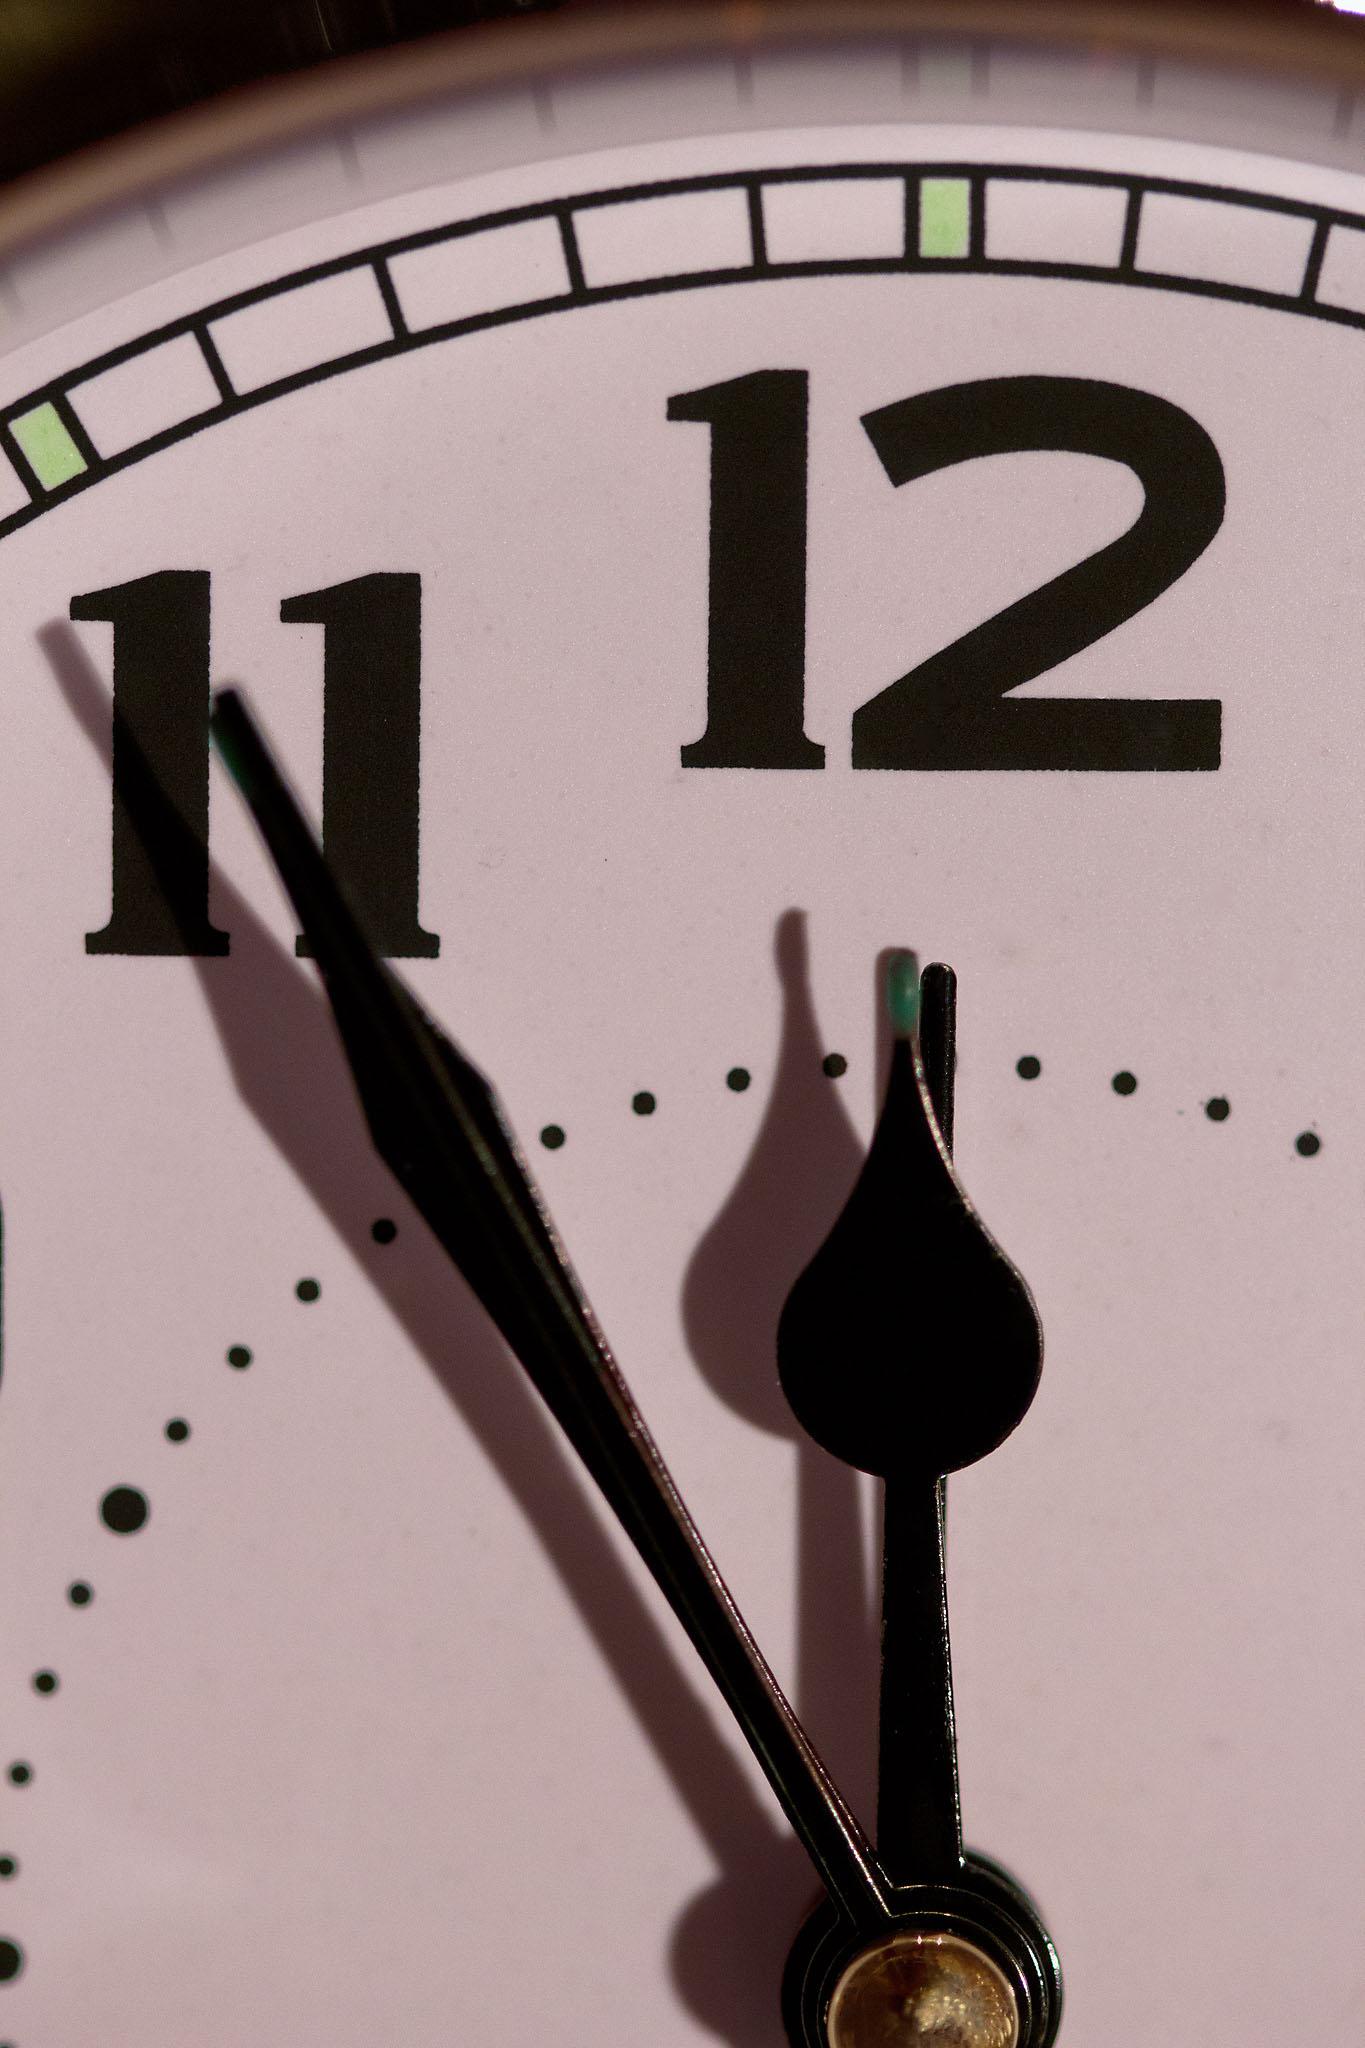 Il tempo sta per scadere